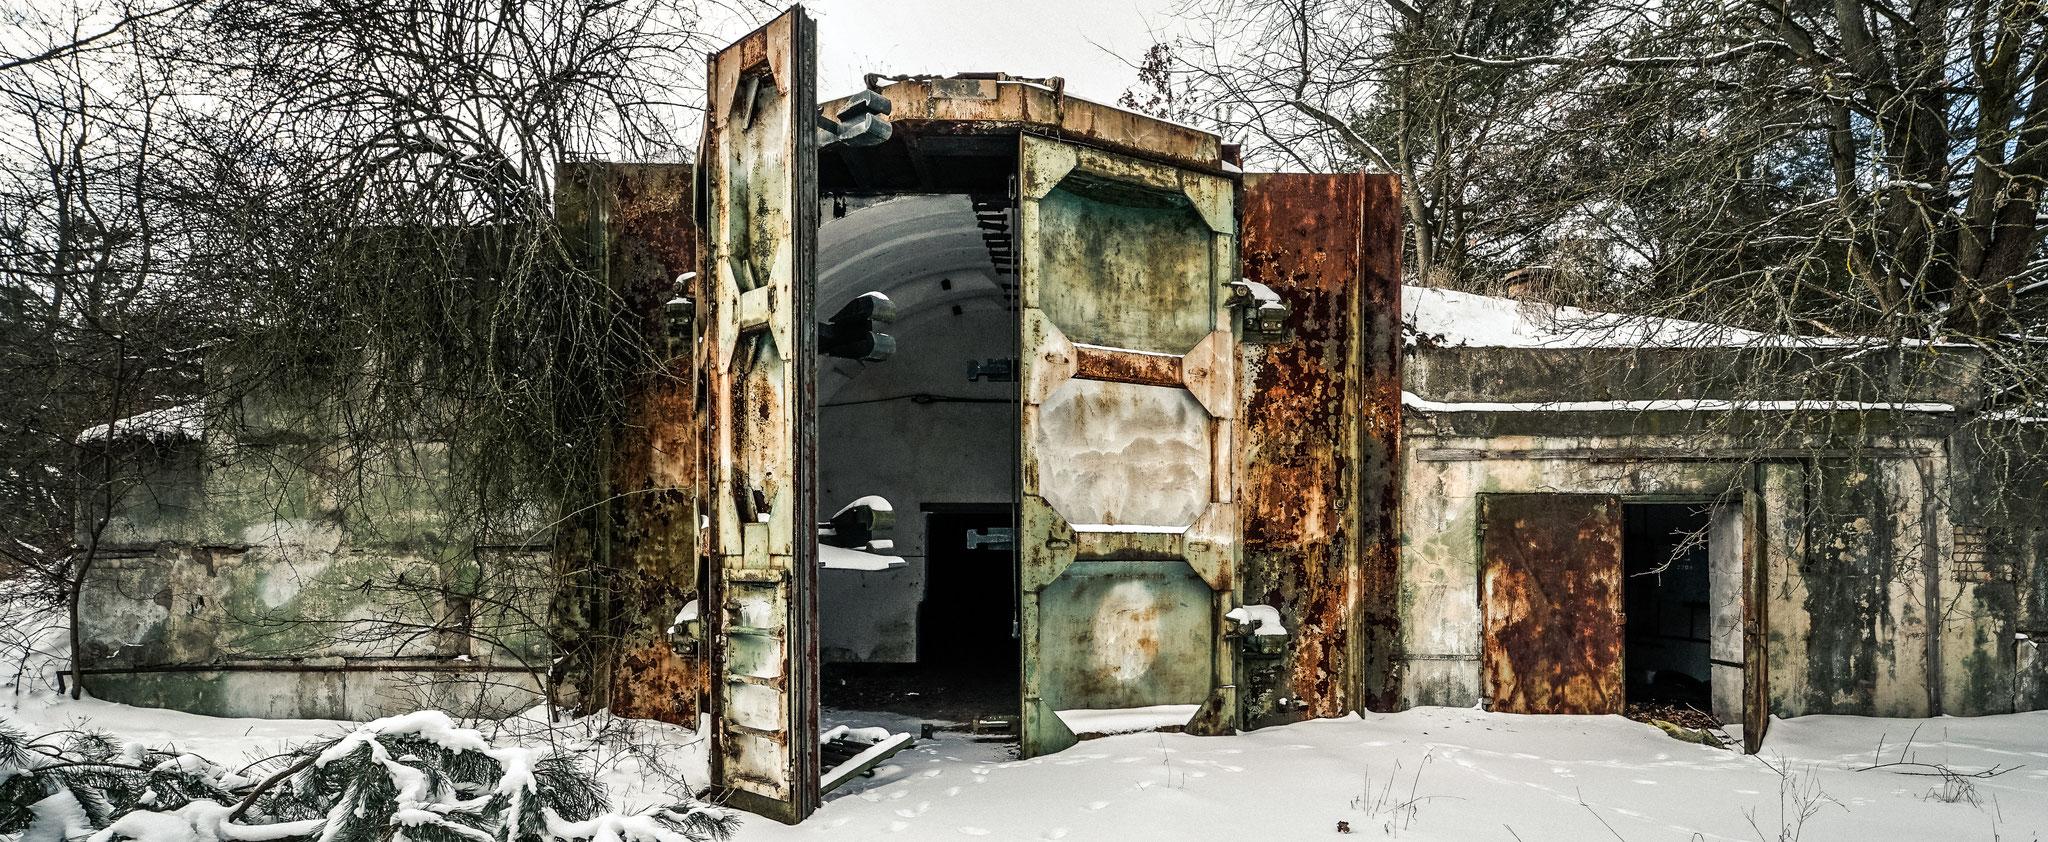 Die riesigen Bunkertüren